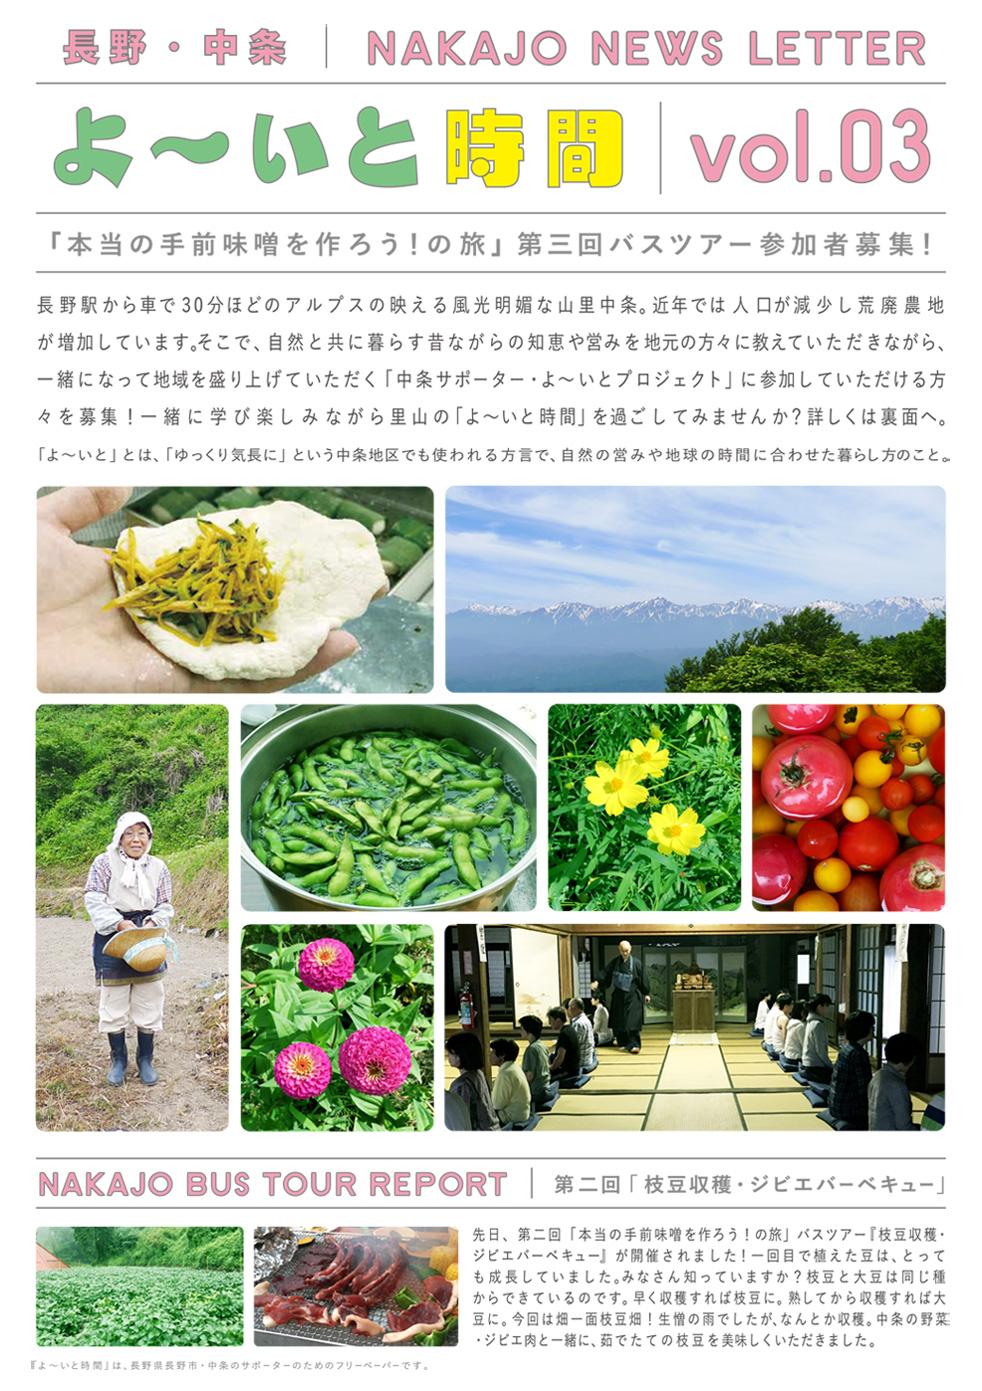 yoito_vol03_01